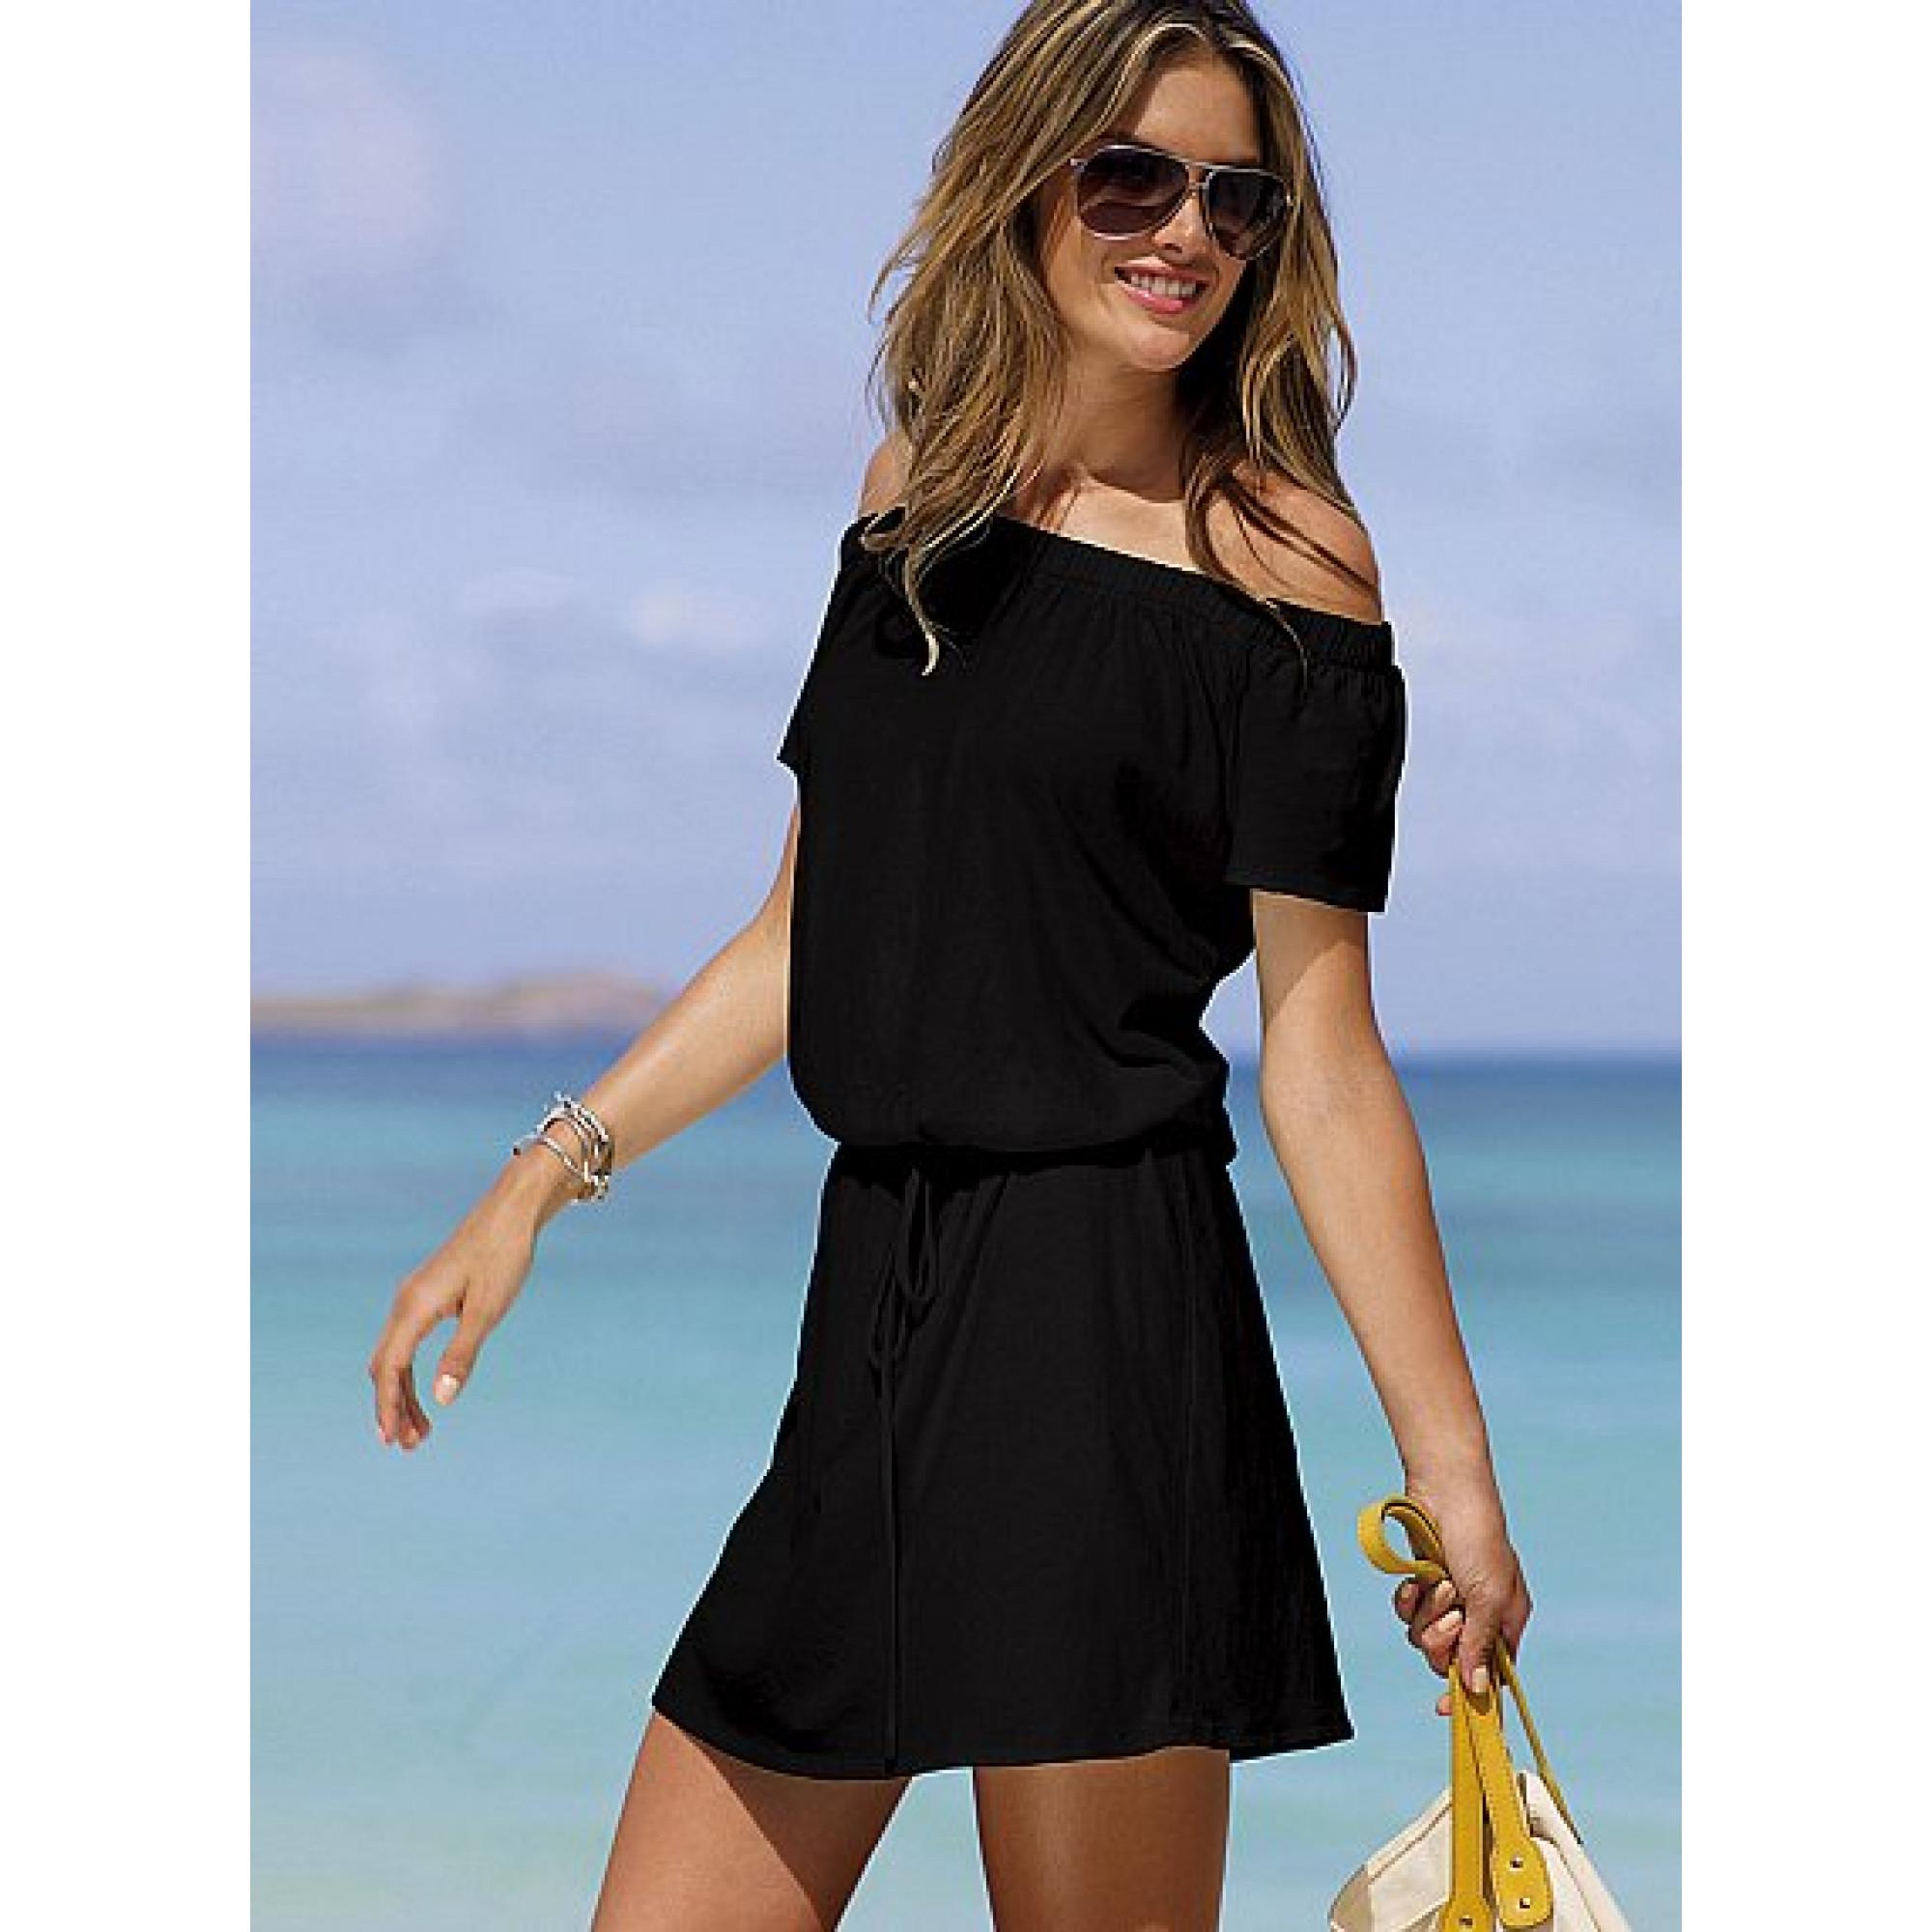 f7c9d386cb625 Купить пляжное платье от Виктории Сикрет — в Киеве, код товара 10089